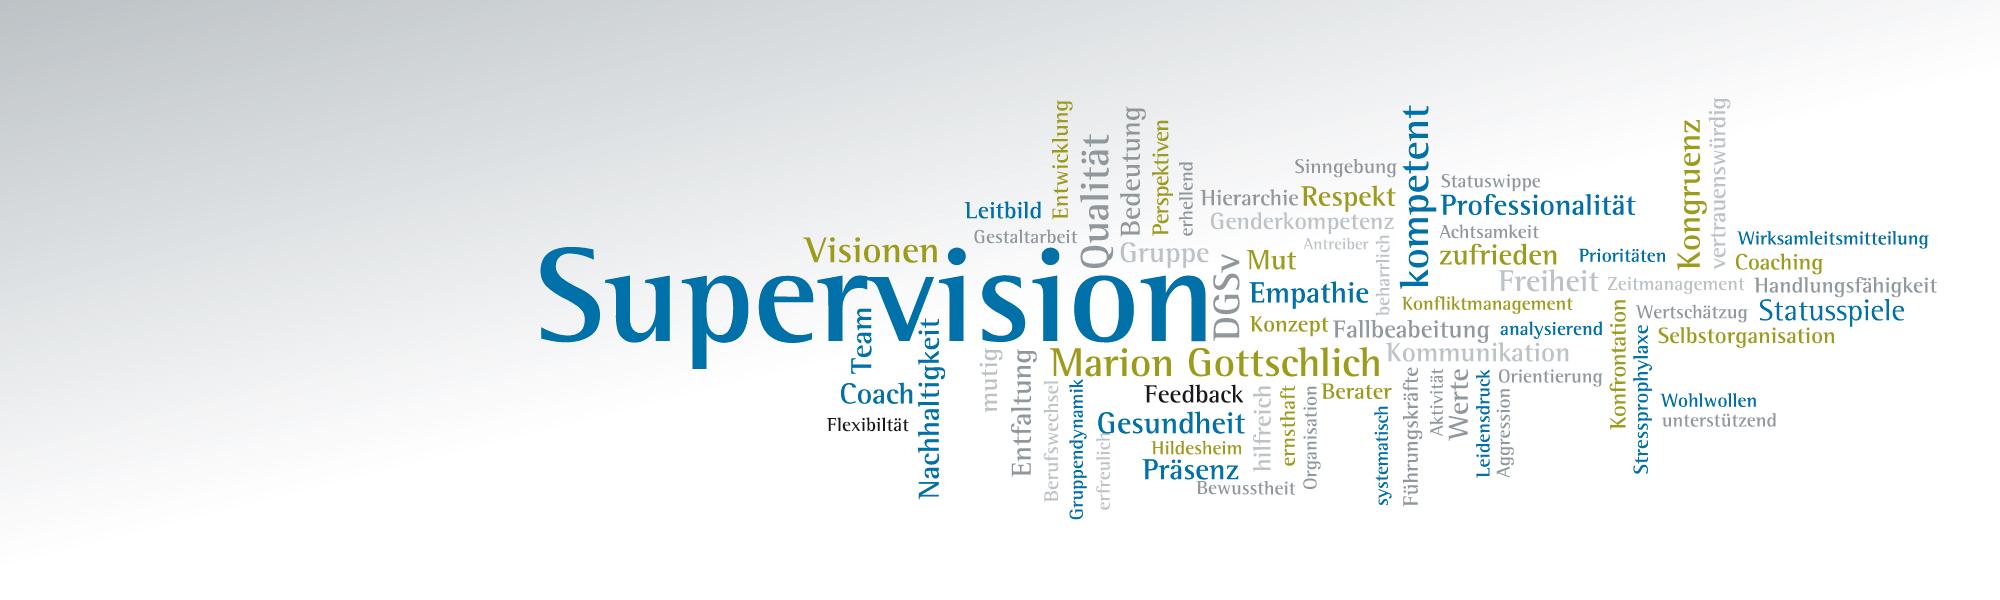 Marion Gottschlich Supervision Hildesheim